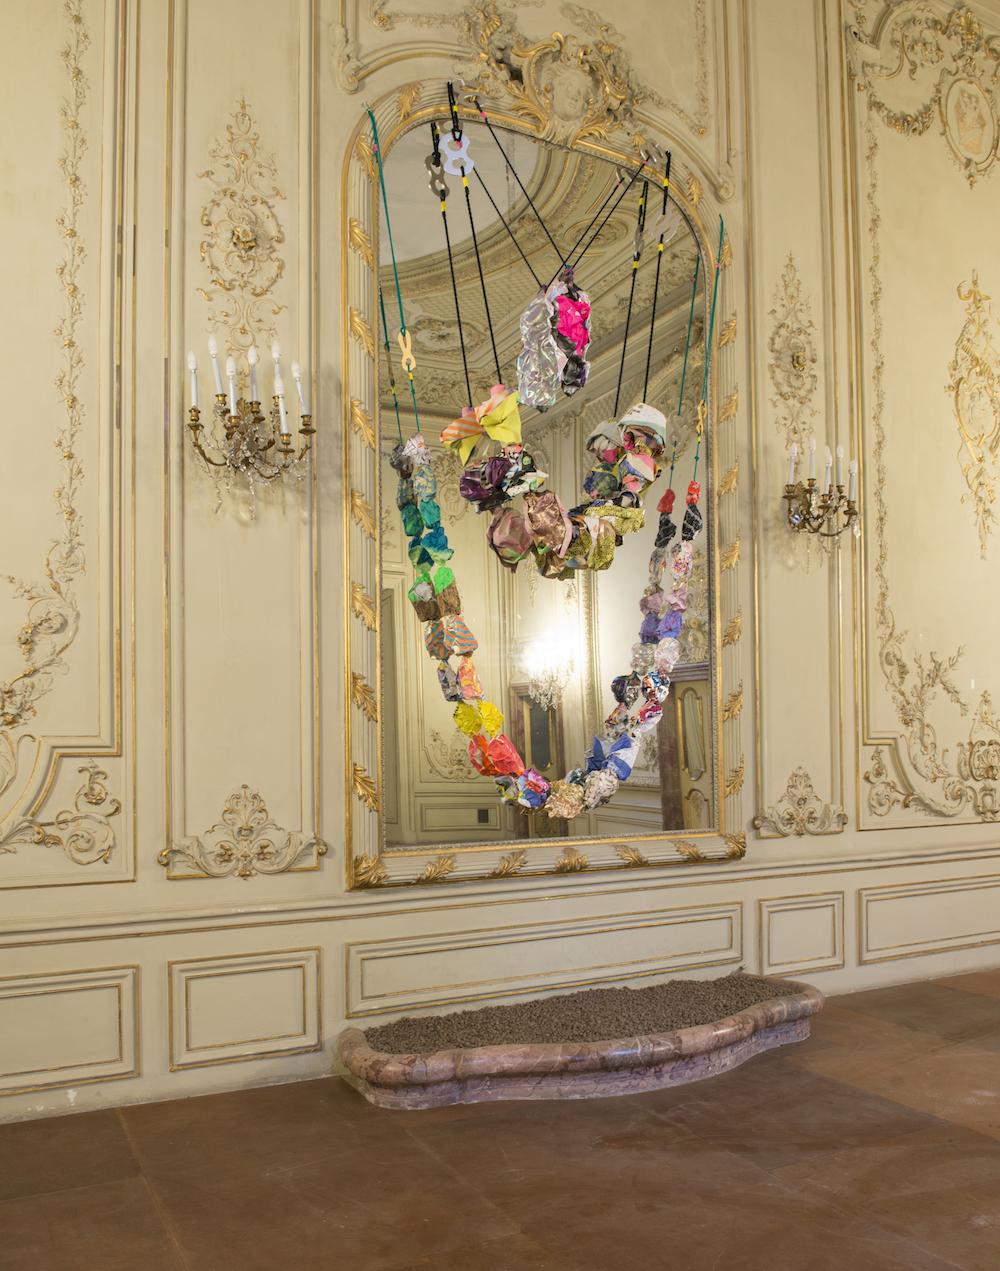 Ludovica Gioscia, L'Arte Che Accadra', 2016. Installation view. Palazzo Fiano, Rome, Italy. Photographer: Alessandro Dandini.